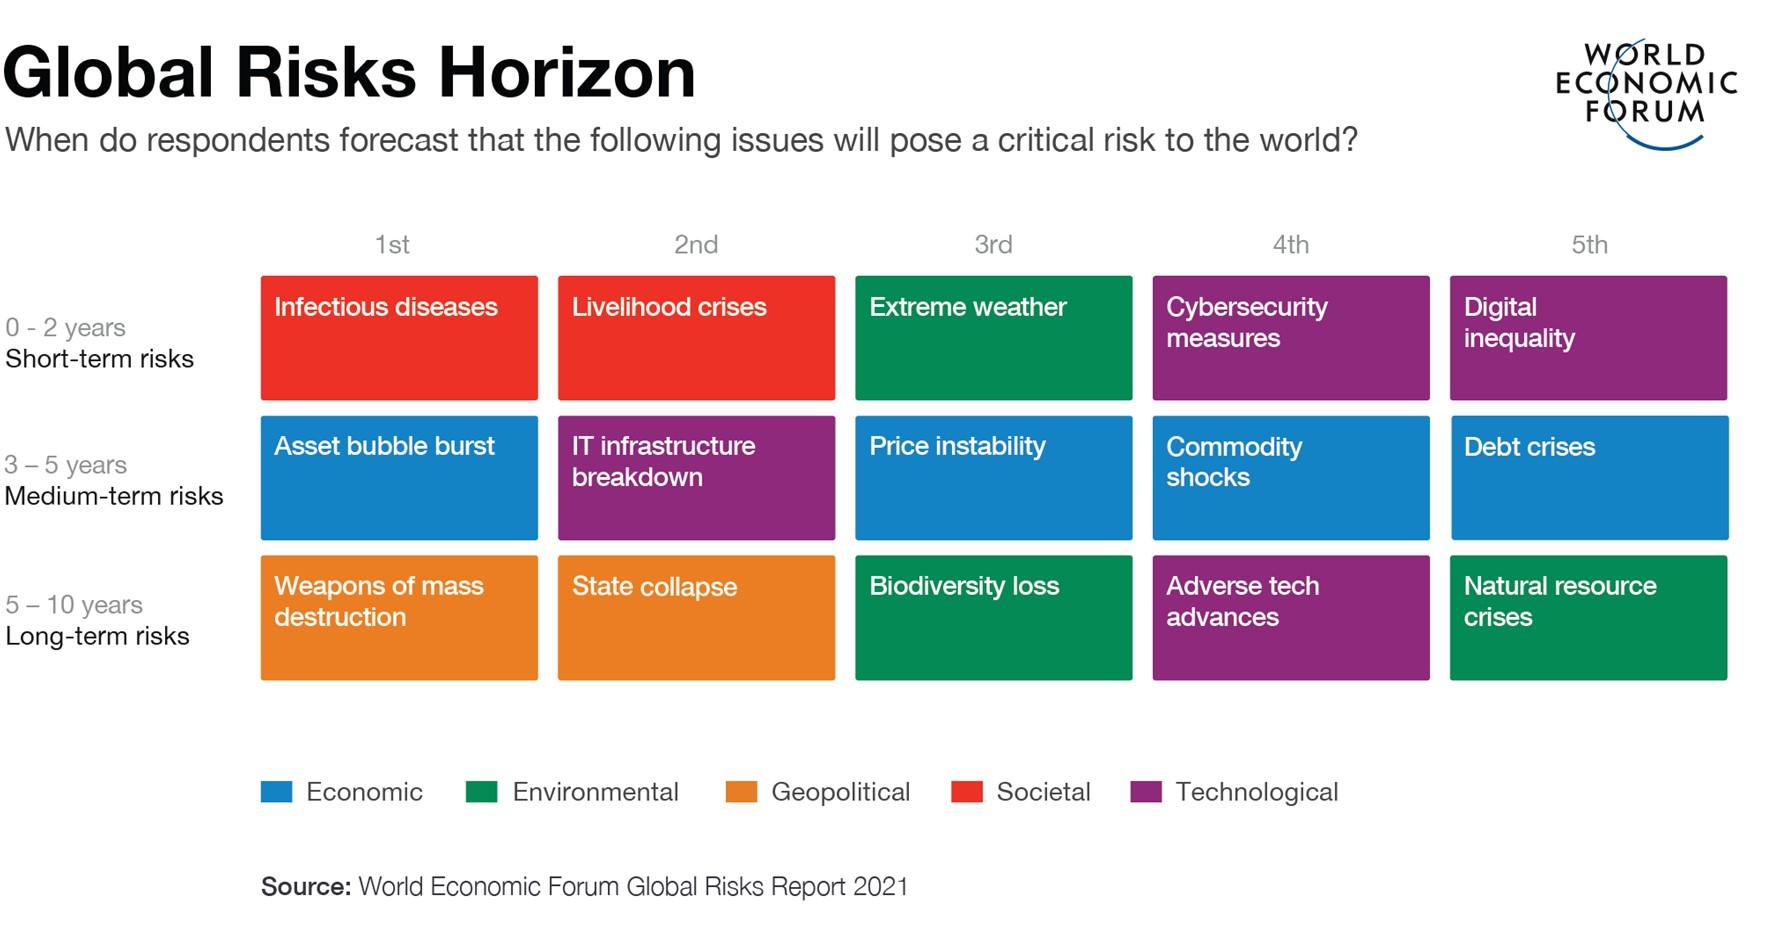 La importancia de planificar los riesgos a largo plazo